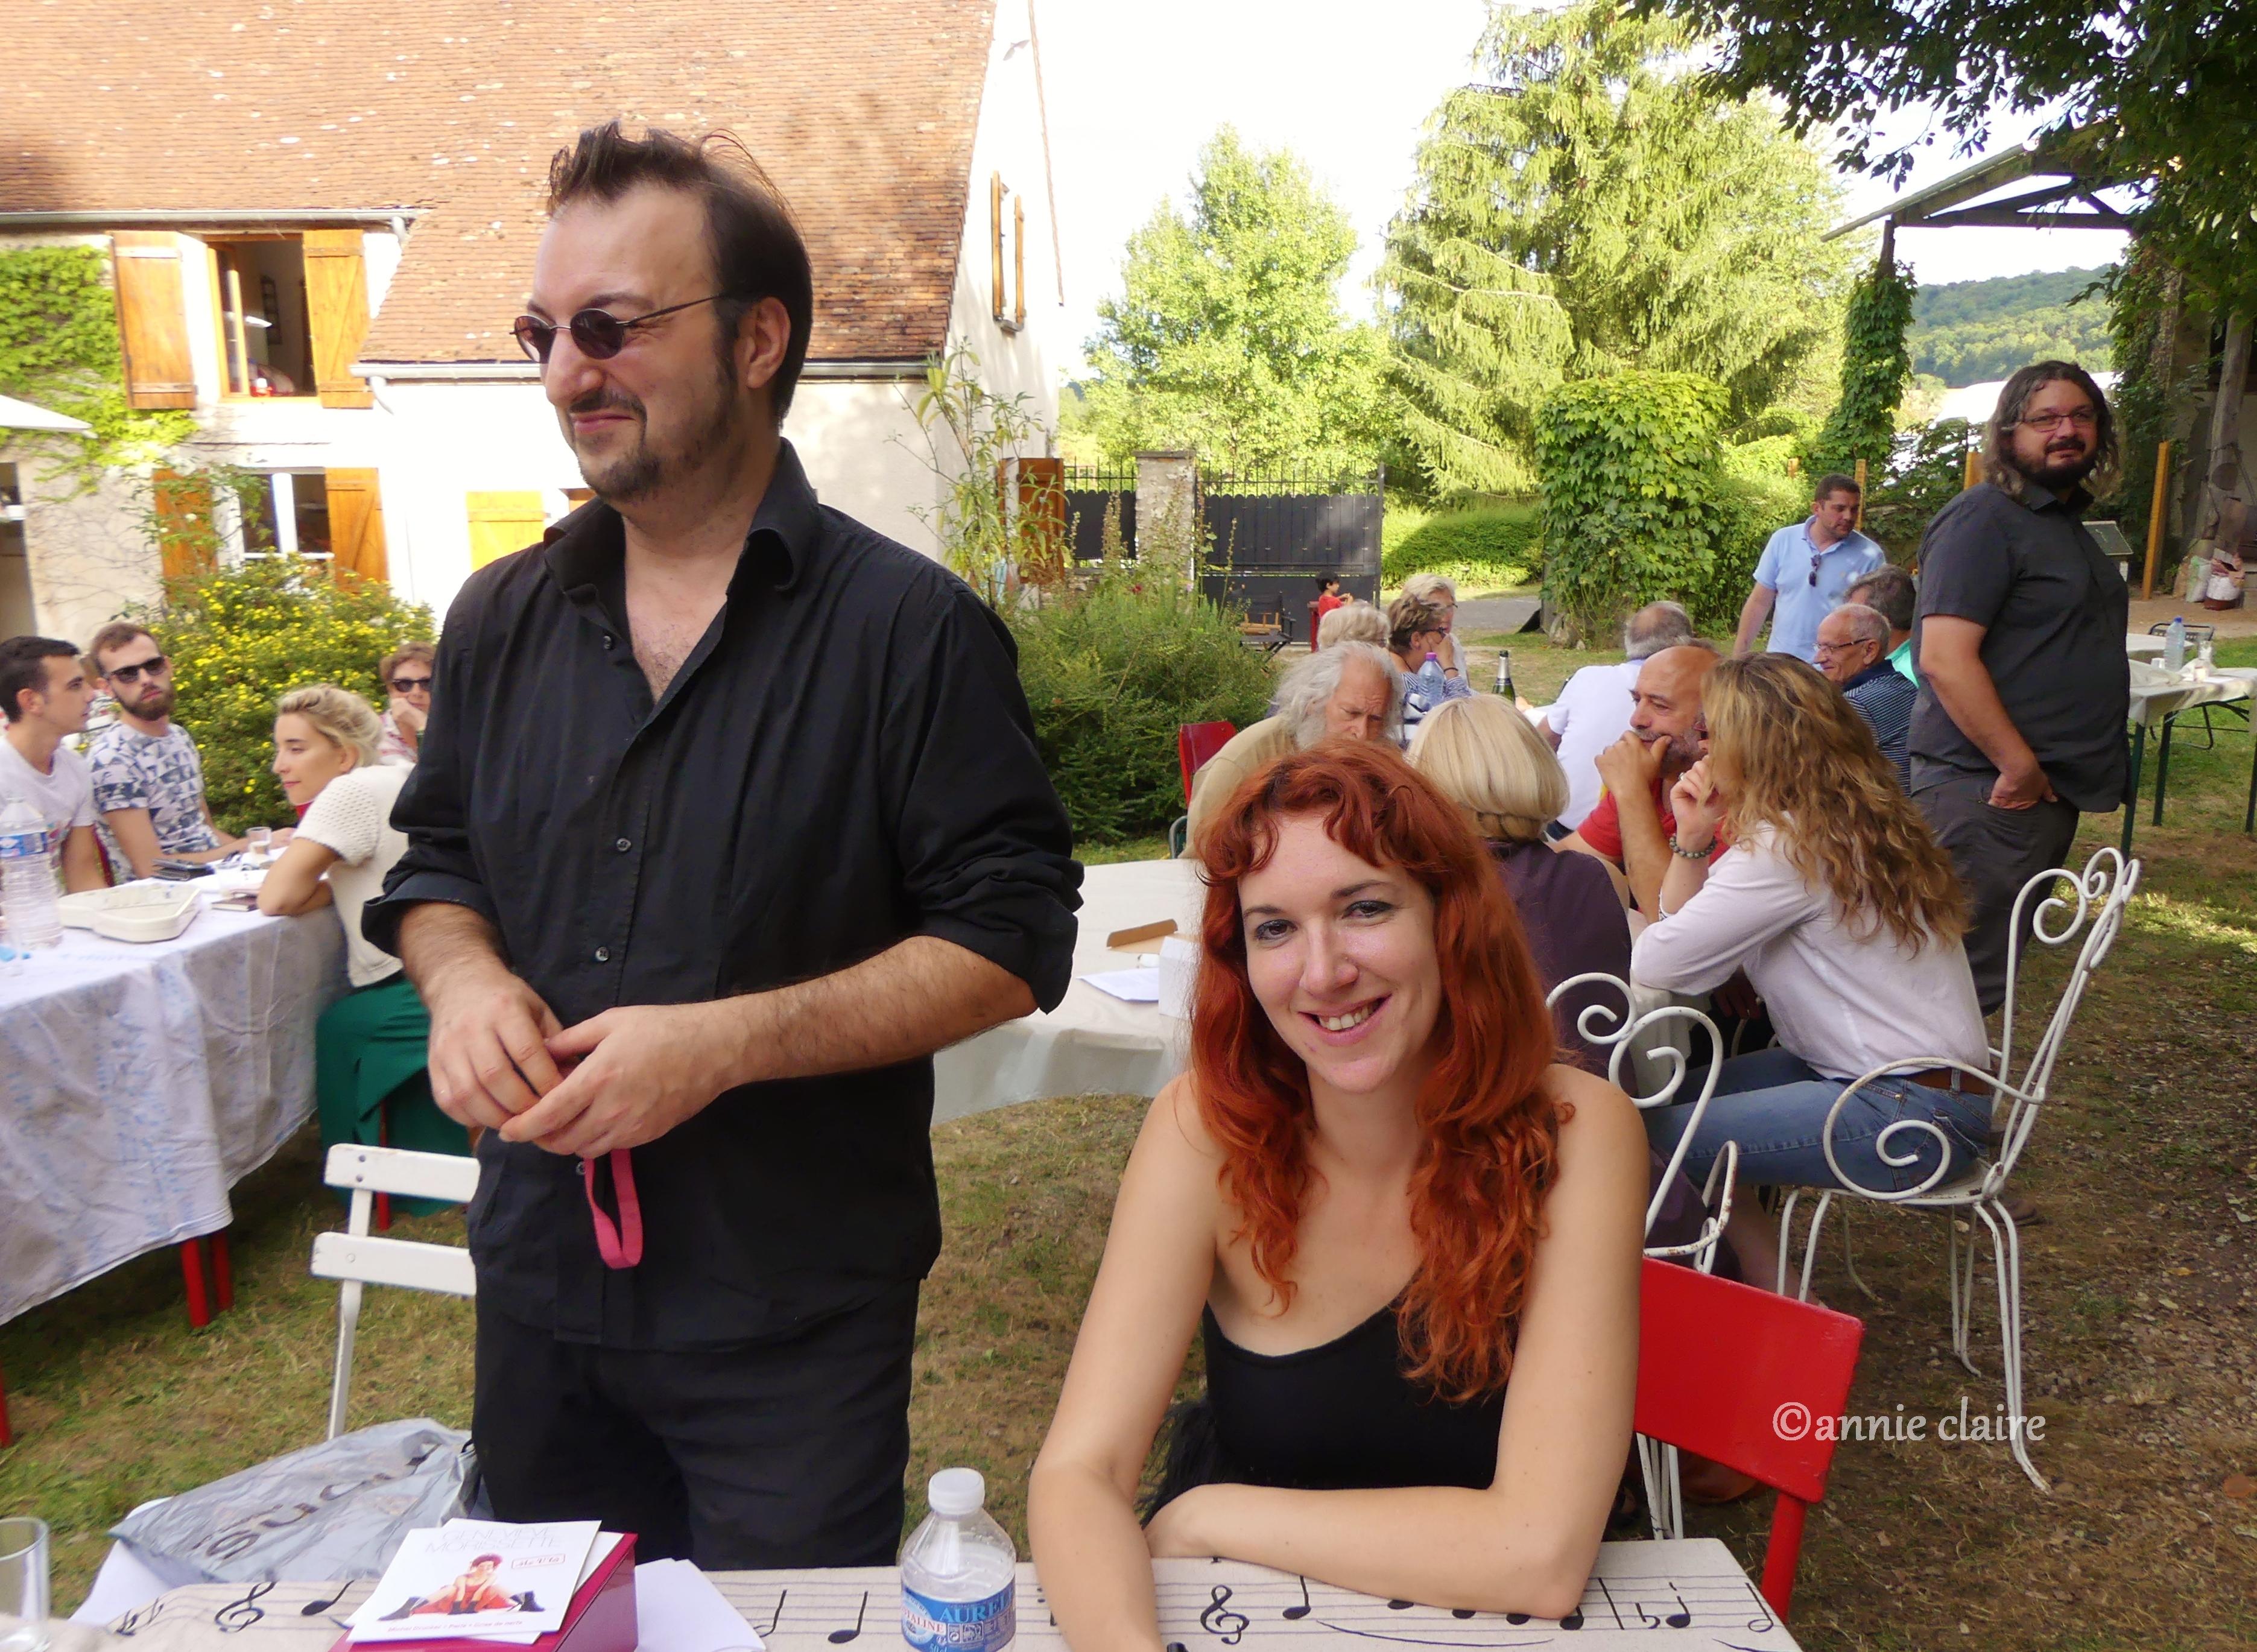 Geneviève Morissette et son éditeur, Laurent Balandras au festival Grange ©annie claire 11.09.2016